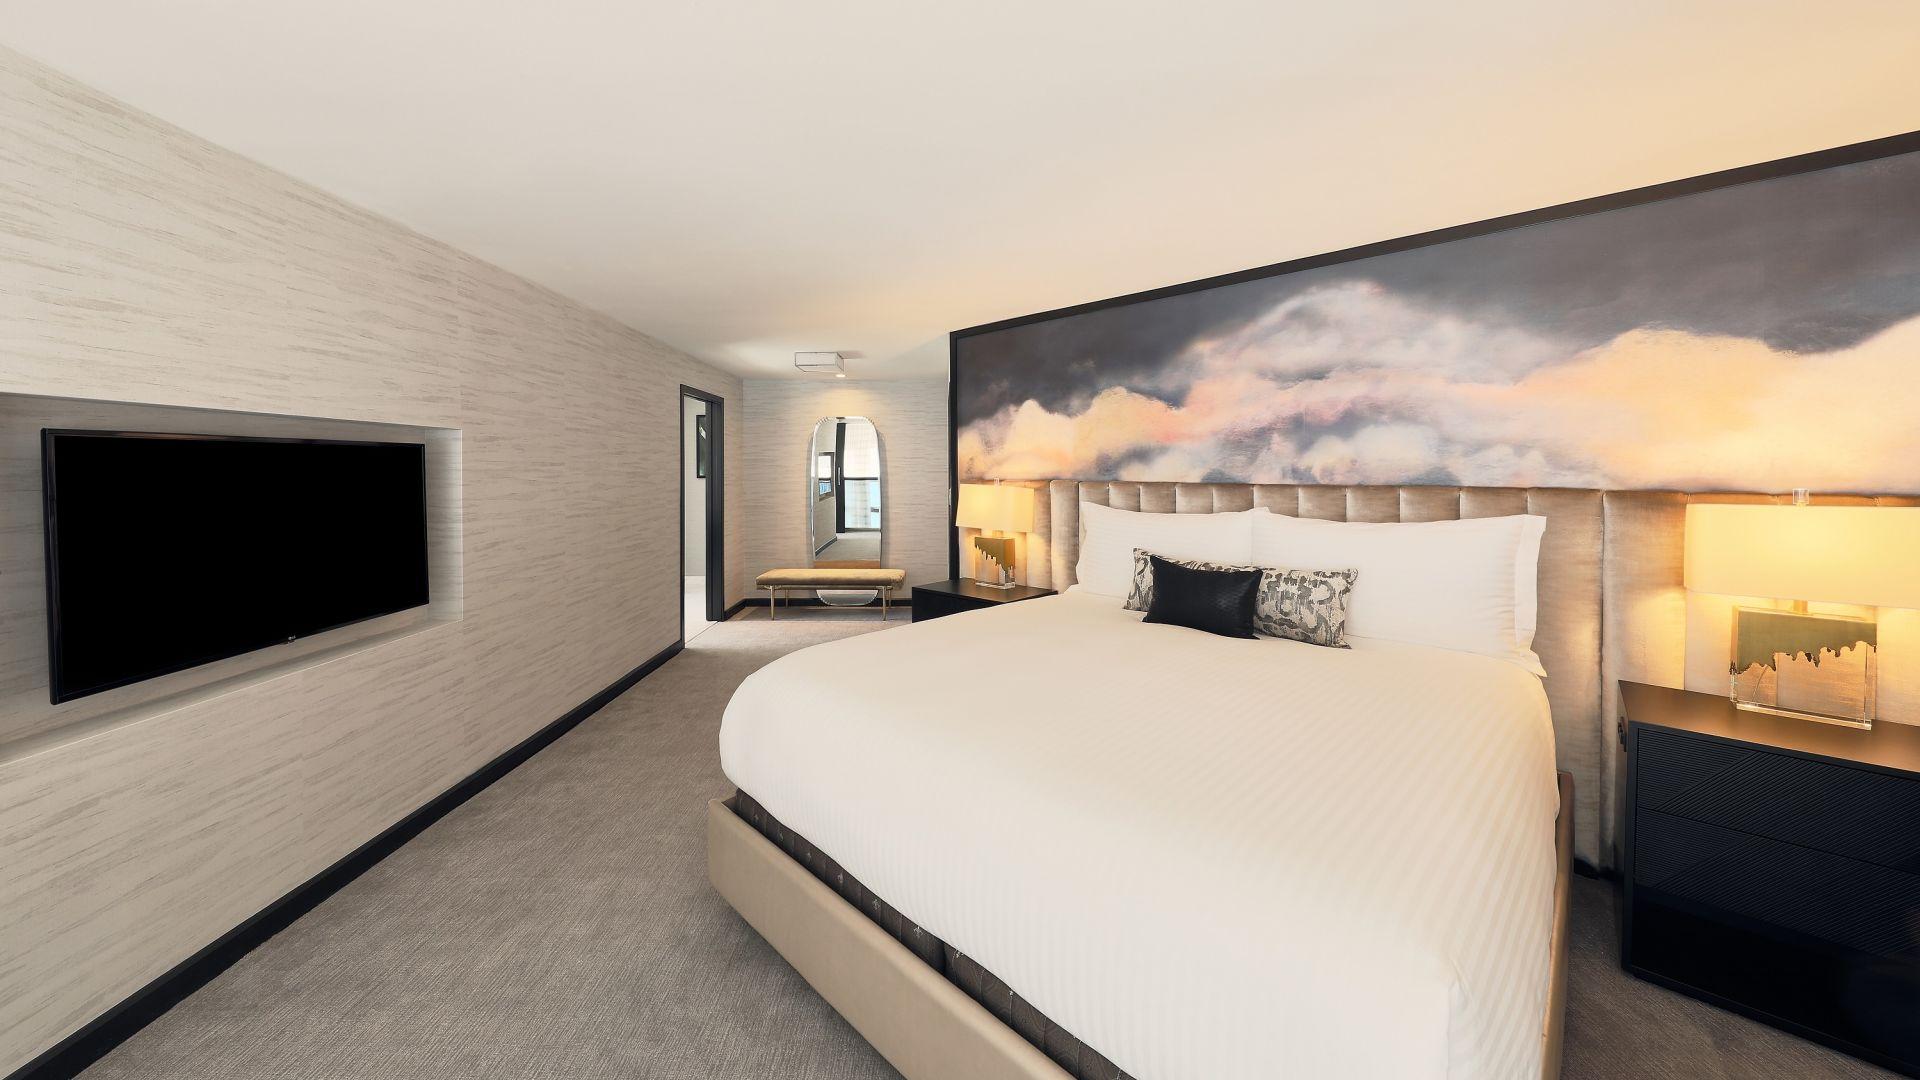 Ein Schlafzimmer mit Bett in einem Hotelzimmer